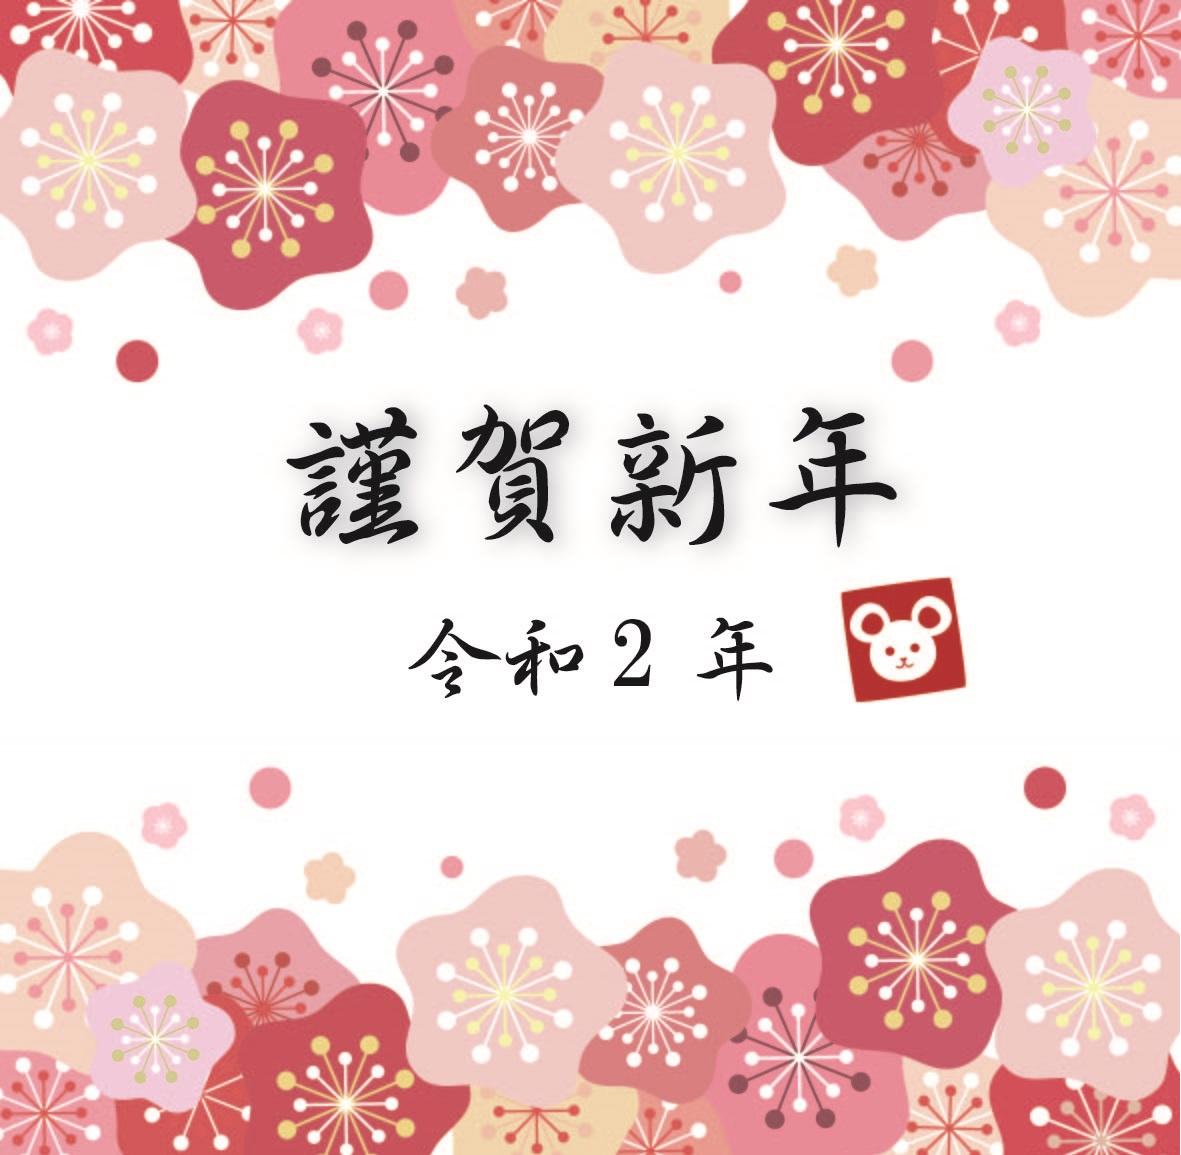 謹賀新年 令和 ハンコ